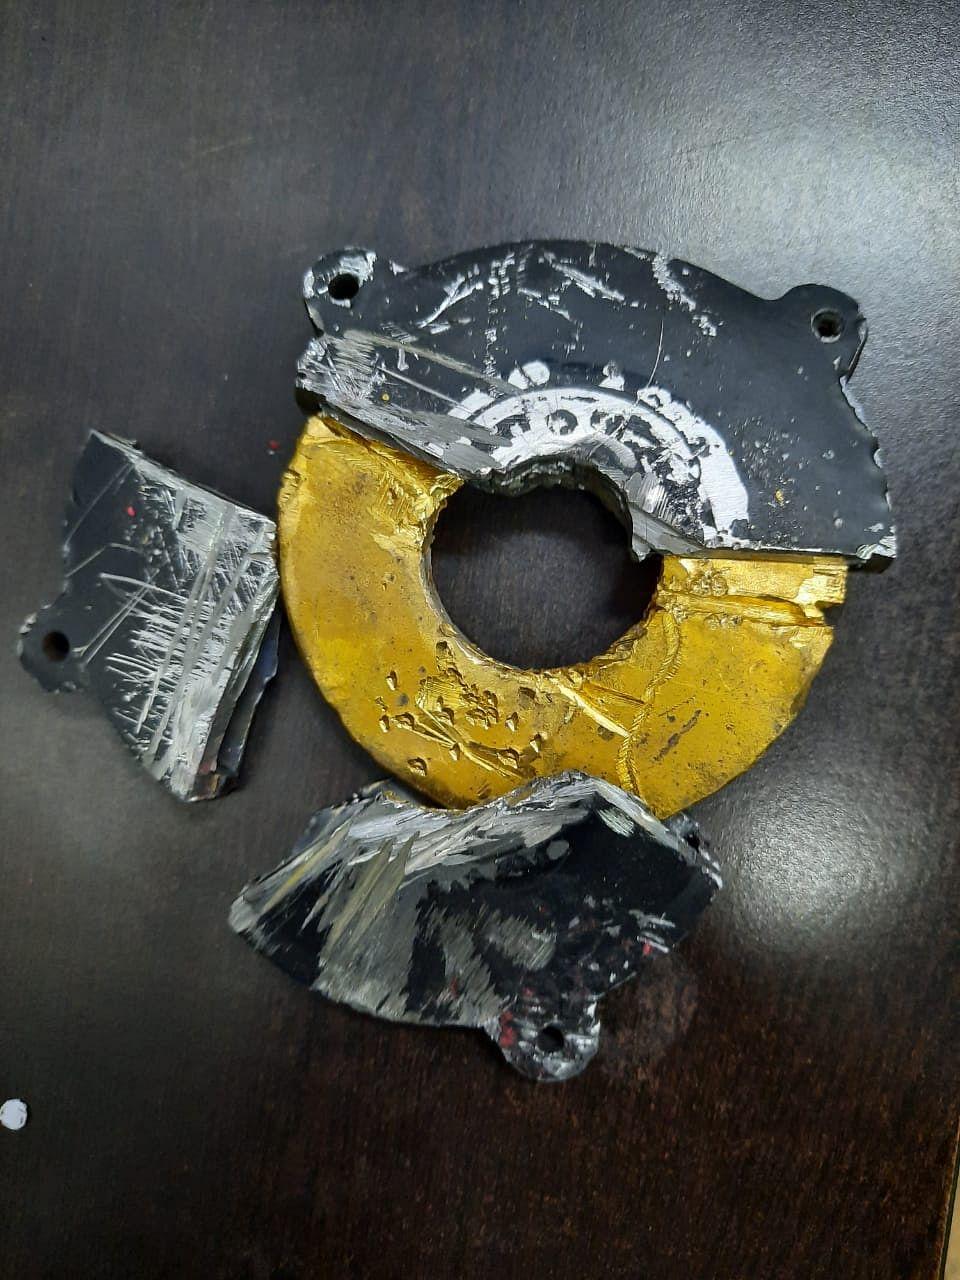 दुबई से छिपाकर ला रहा था सोना, कस्टम विभाग ने पकड़ा